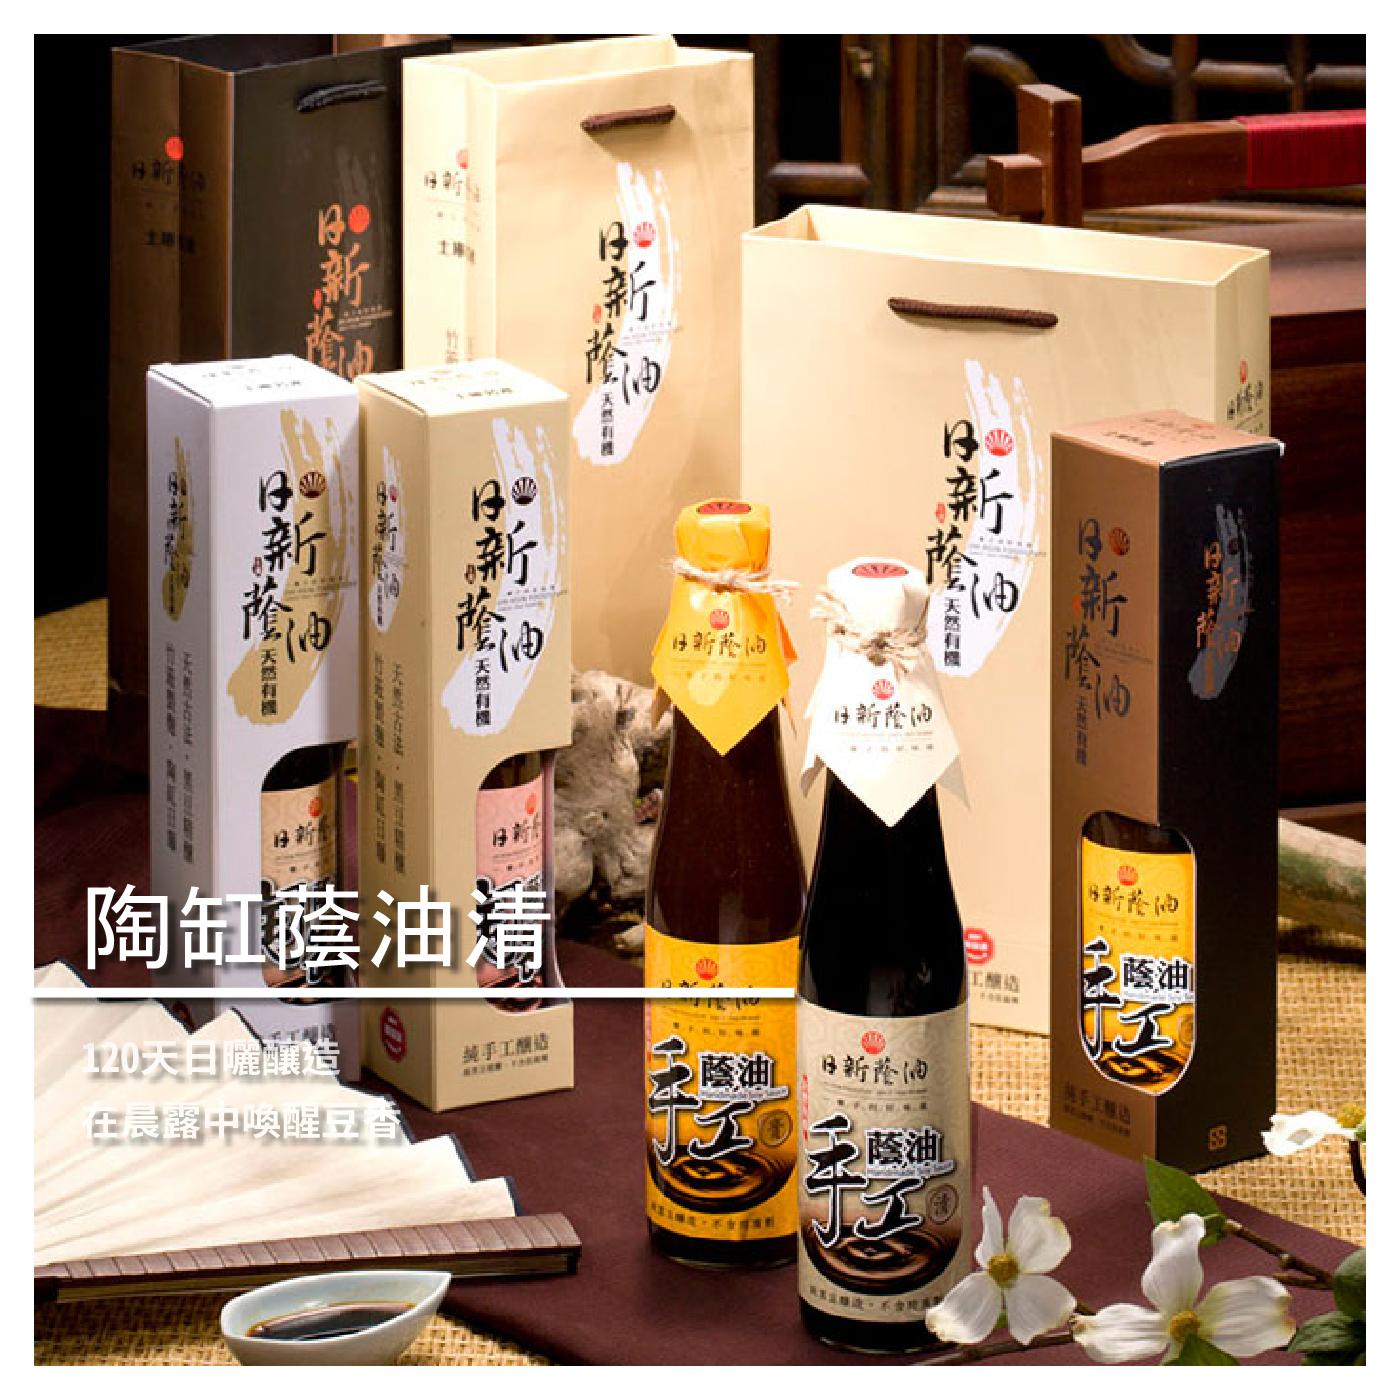 【日新蔭油】陶缸蔭油清 / 12罐 /  蔭油 / 醬油 / 蔭油清